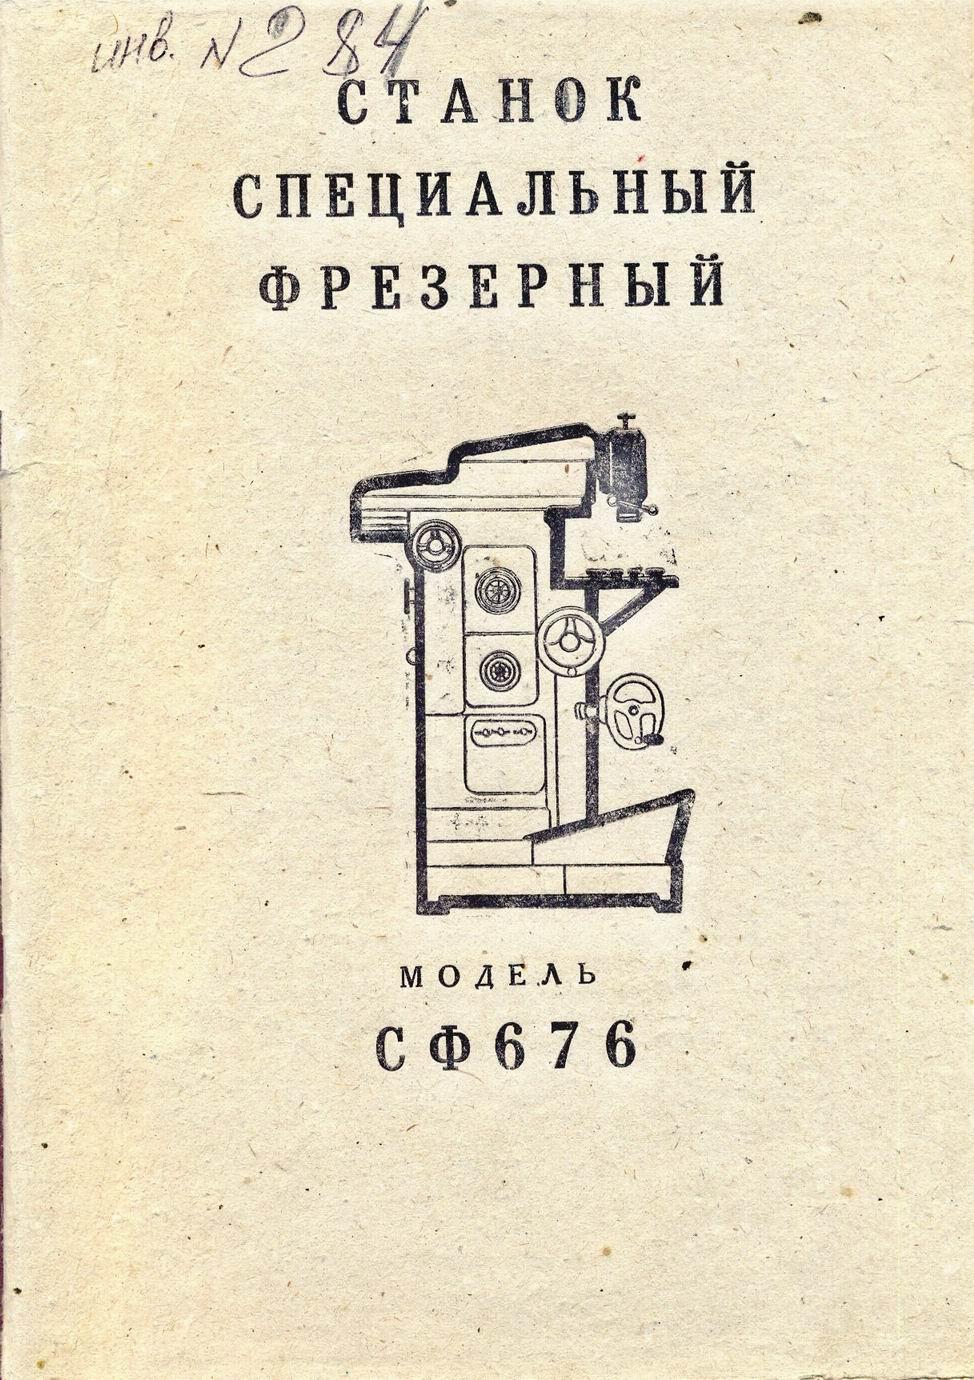 фрезерный станок 676 инструкция